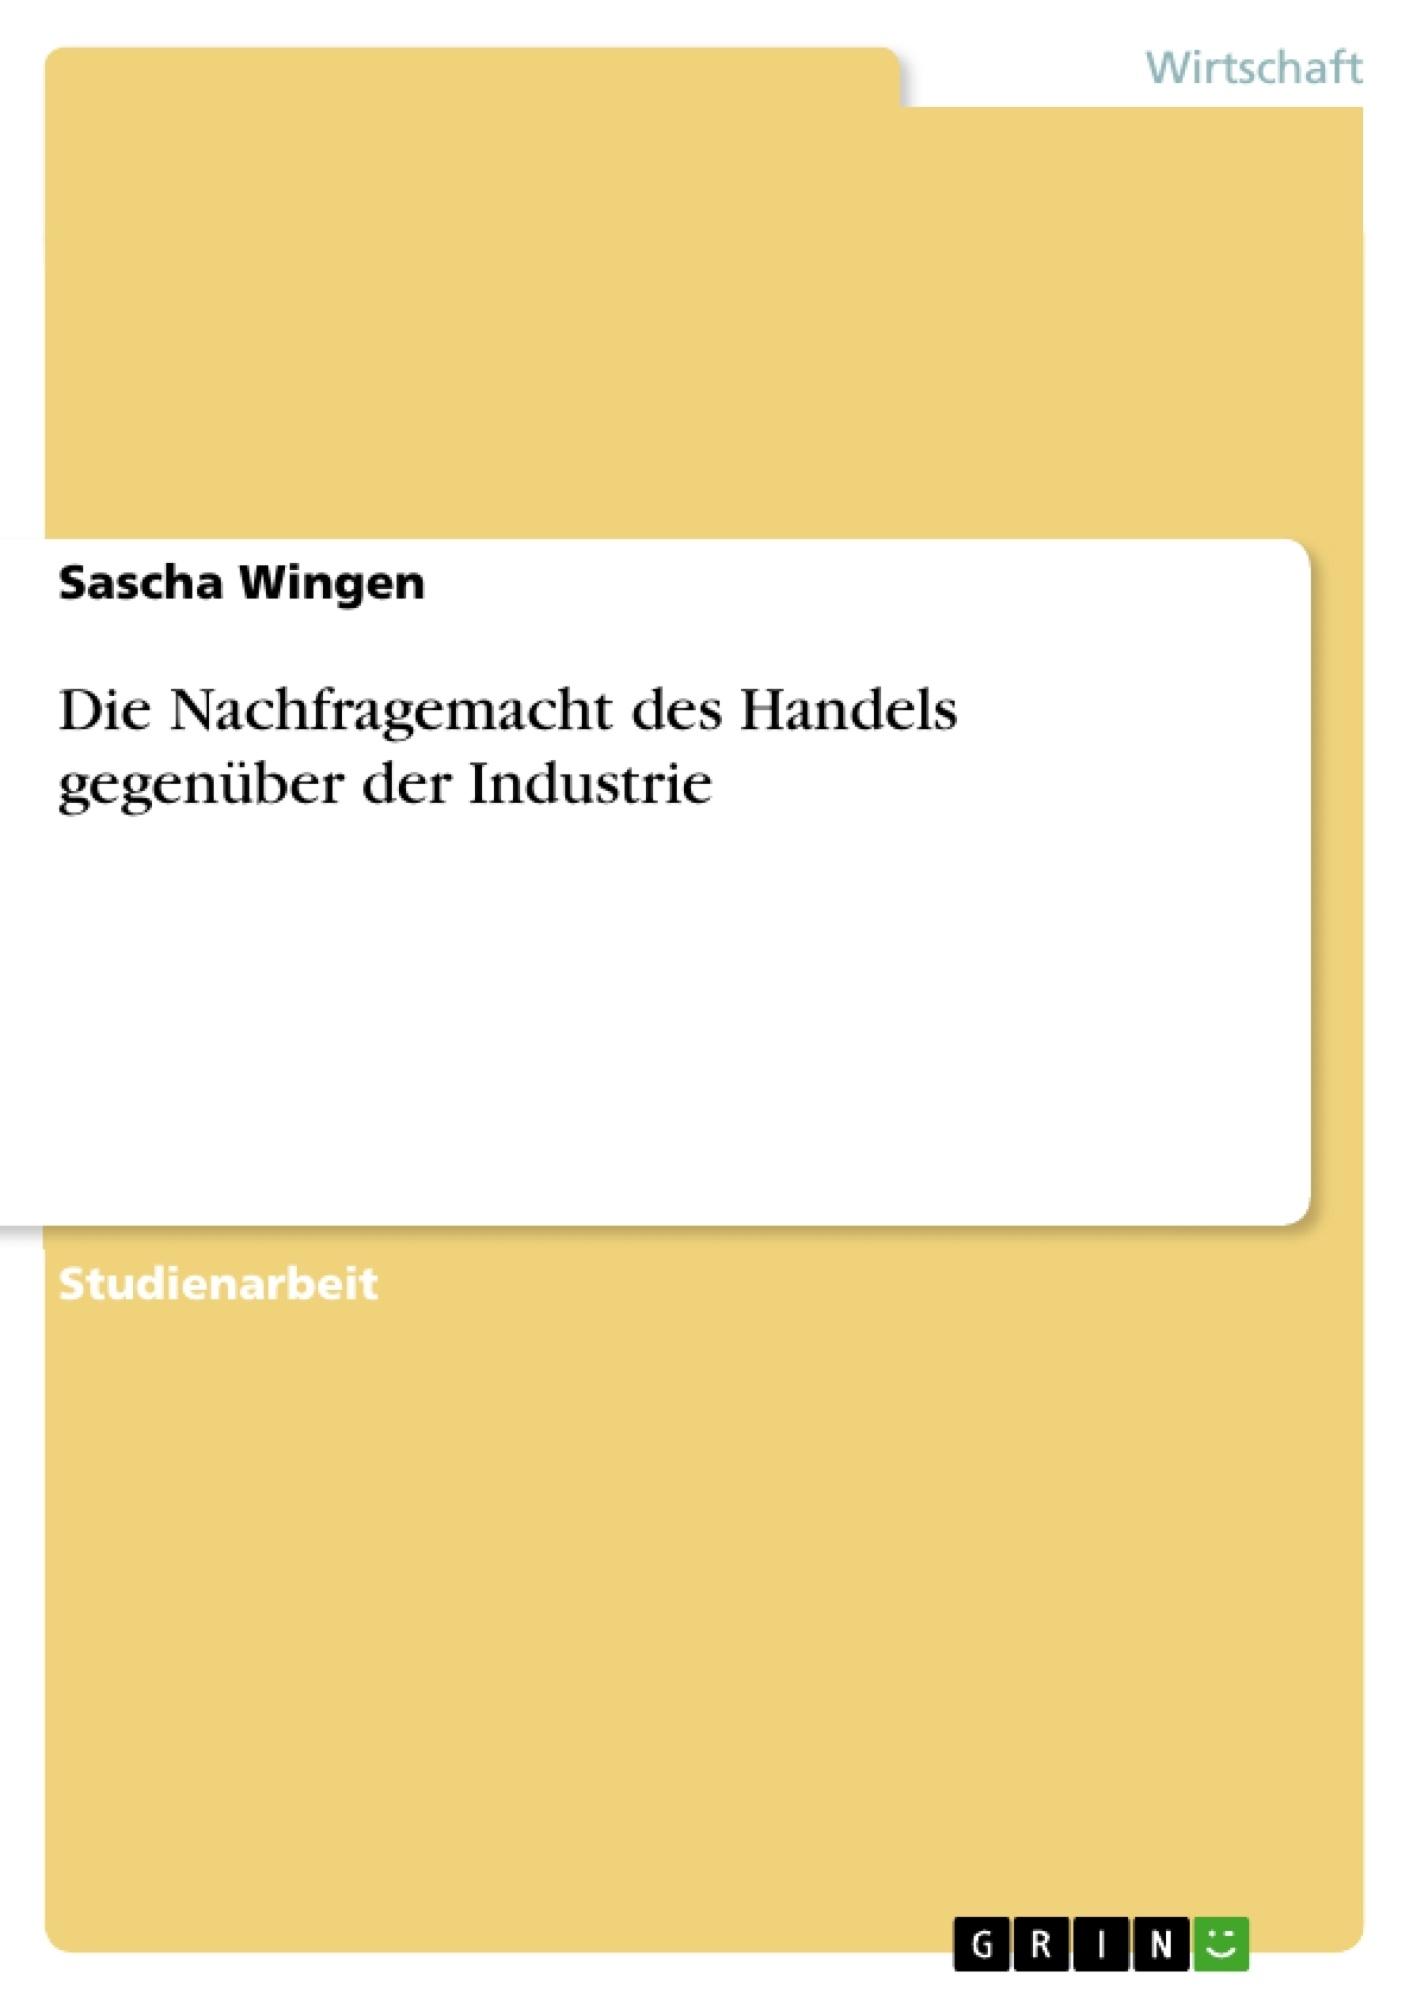 Titel: Die Nachfragemacht des Handels gegenüber der Industrie